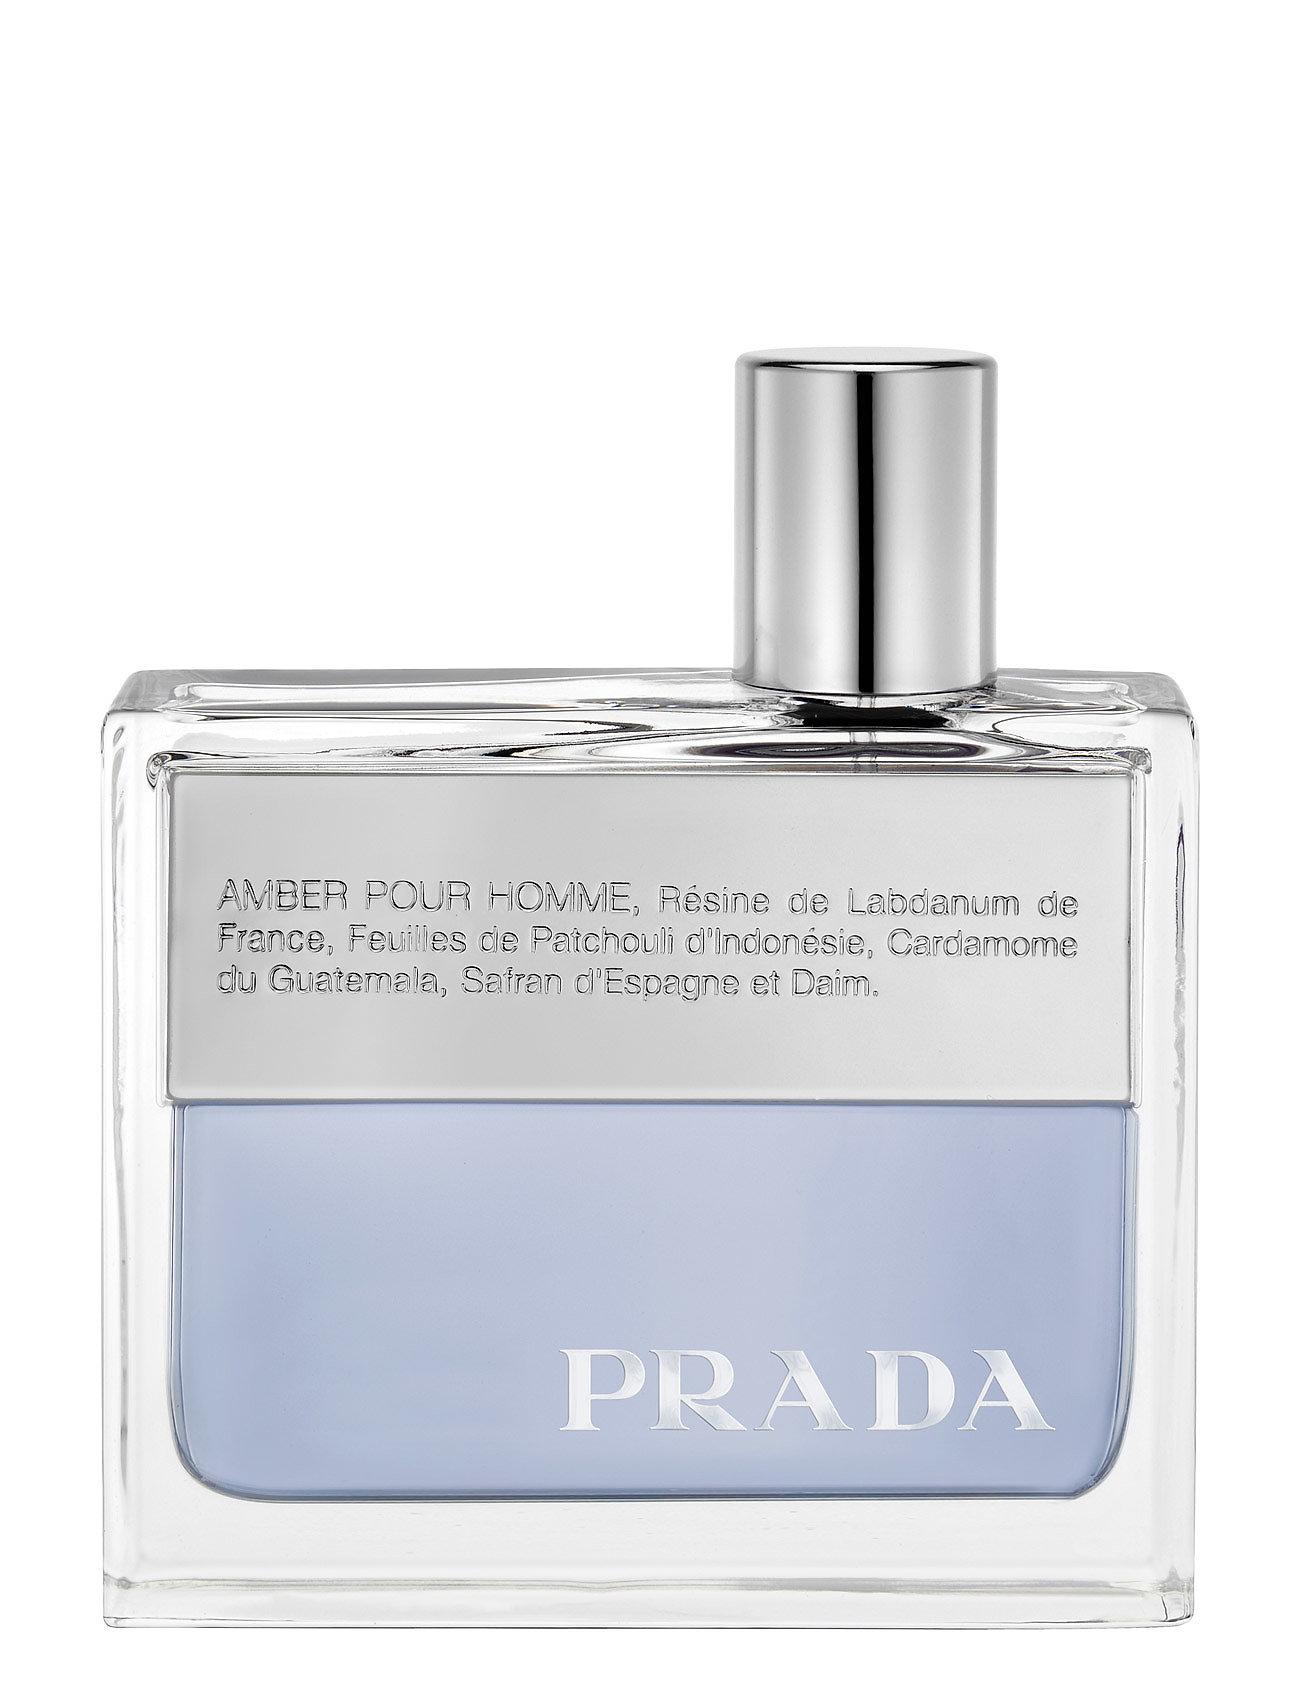 prada – Prada amber pour homme eau de toile på boozt.com dk